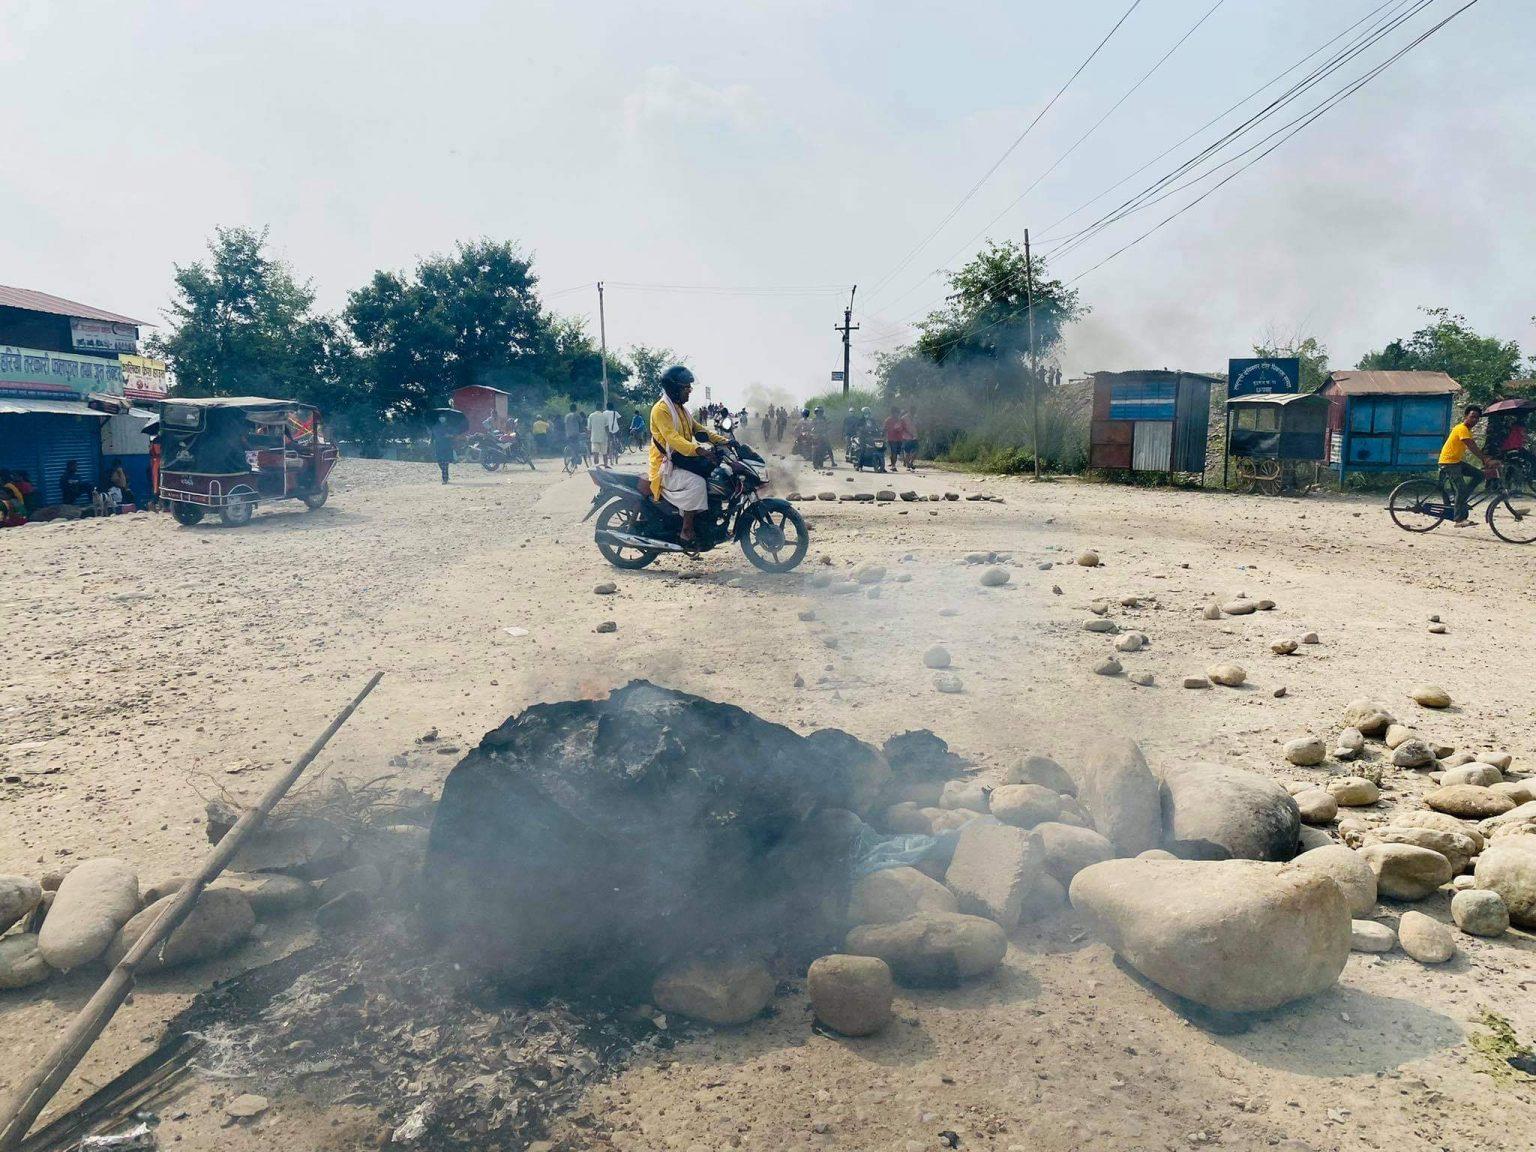 रुपन्देहीको मोतीपुर औद्योगिक क्षेत्रमा झडप हुँदा चारको मृत्यु